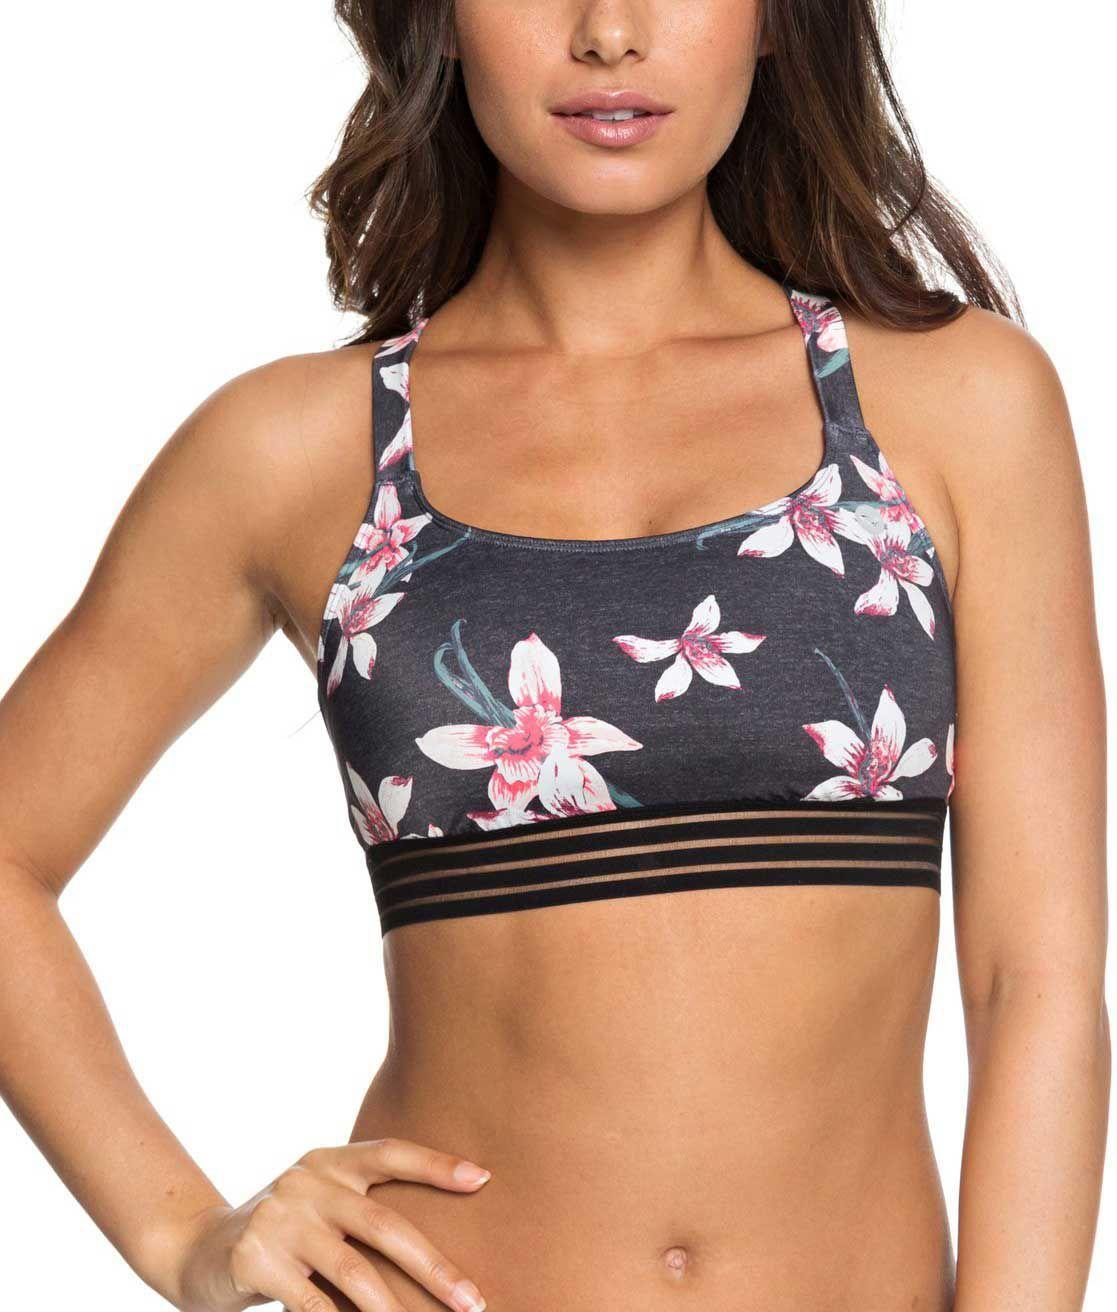 b8daed5c9fc Roxy Women's Fitness Sports Bikini Top in 2019 | Products | Sport ...